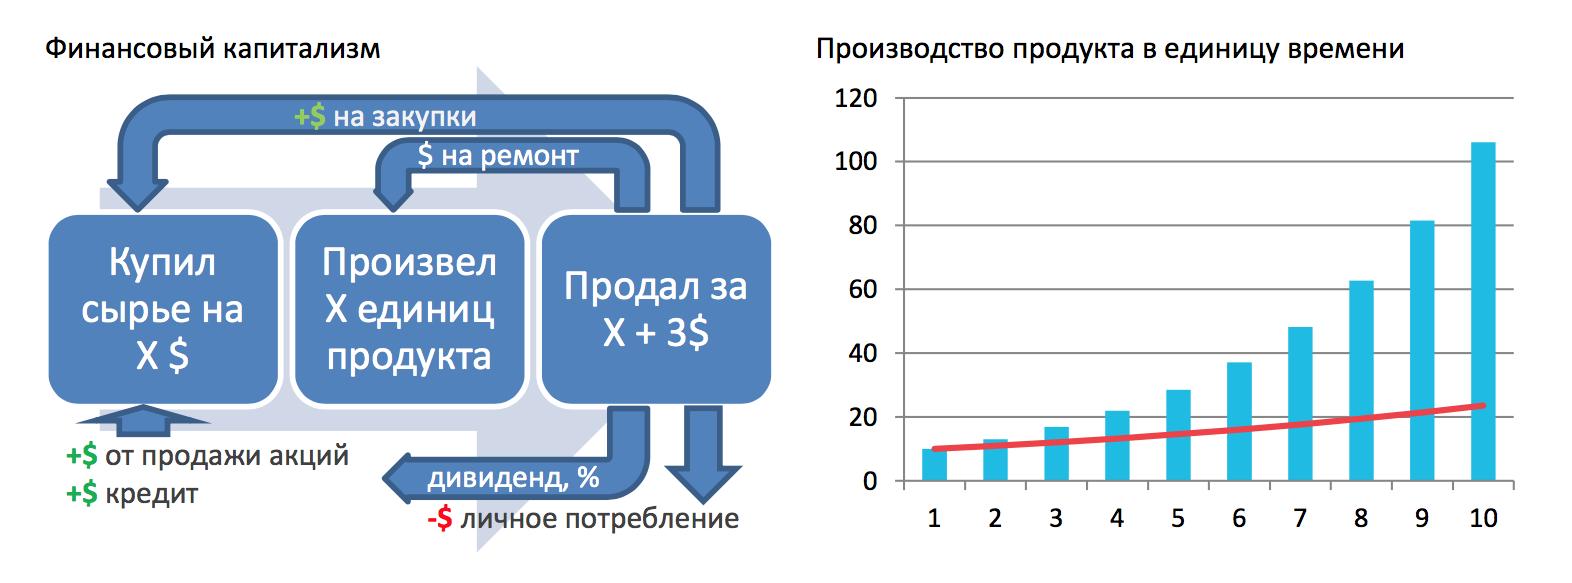 Рис. 3. Финансовый капитализм и его эффективность производства продукта в единицу времени.